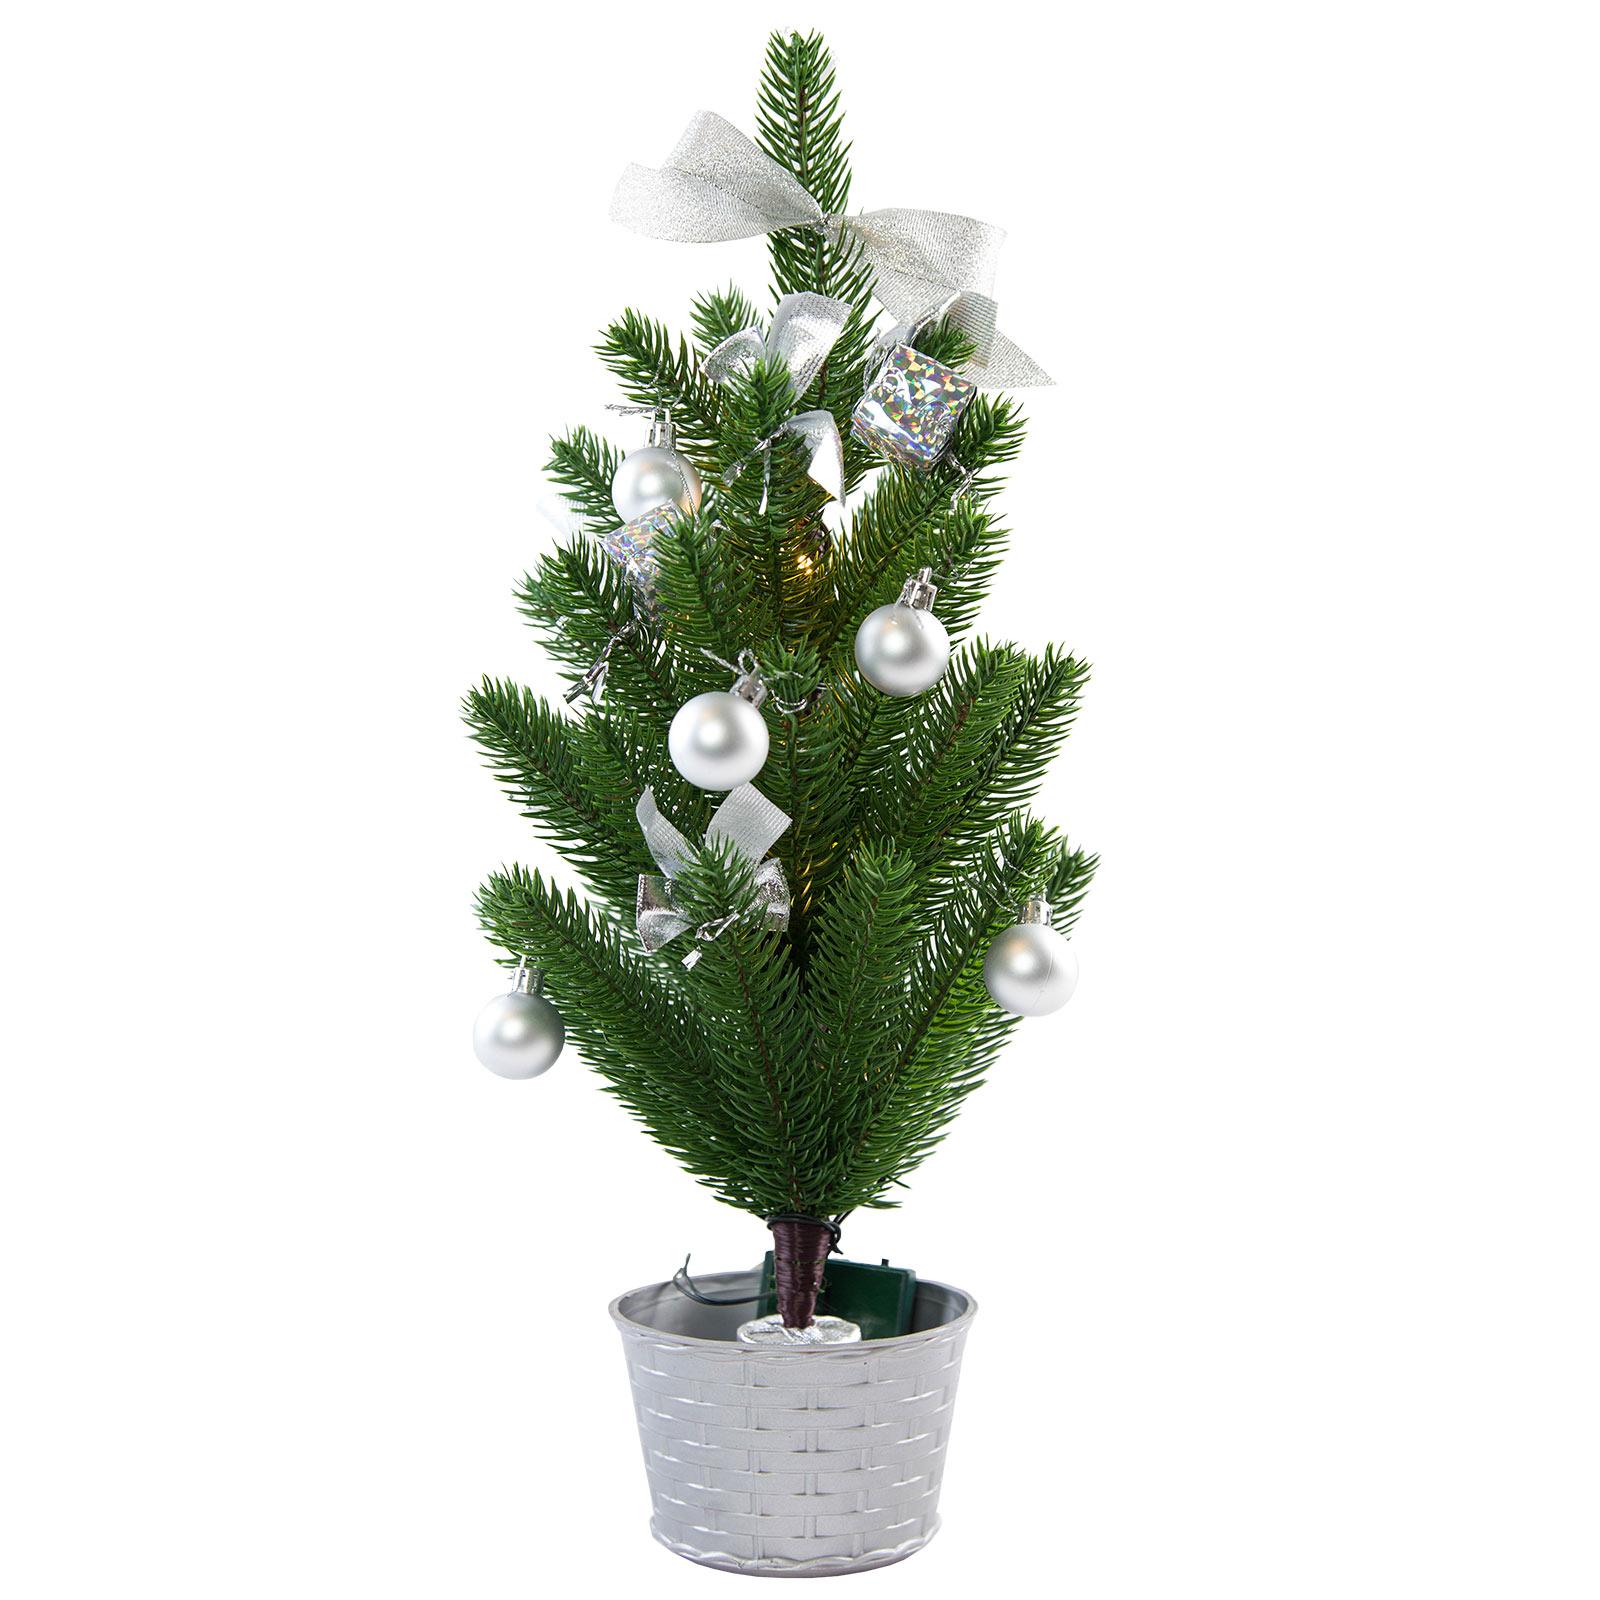 LED-Weihnachtsbaum mit Deko in Silber